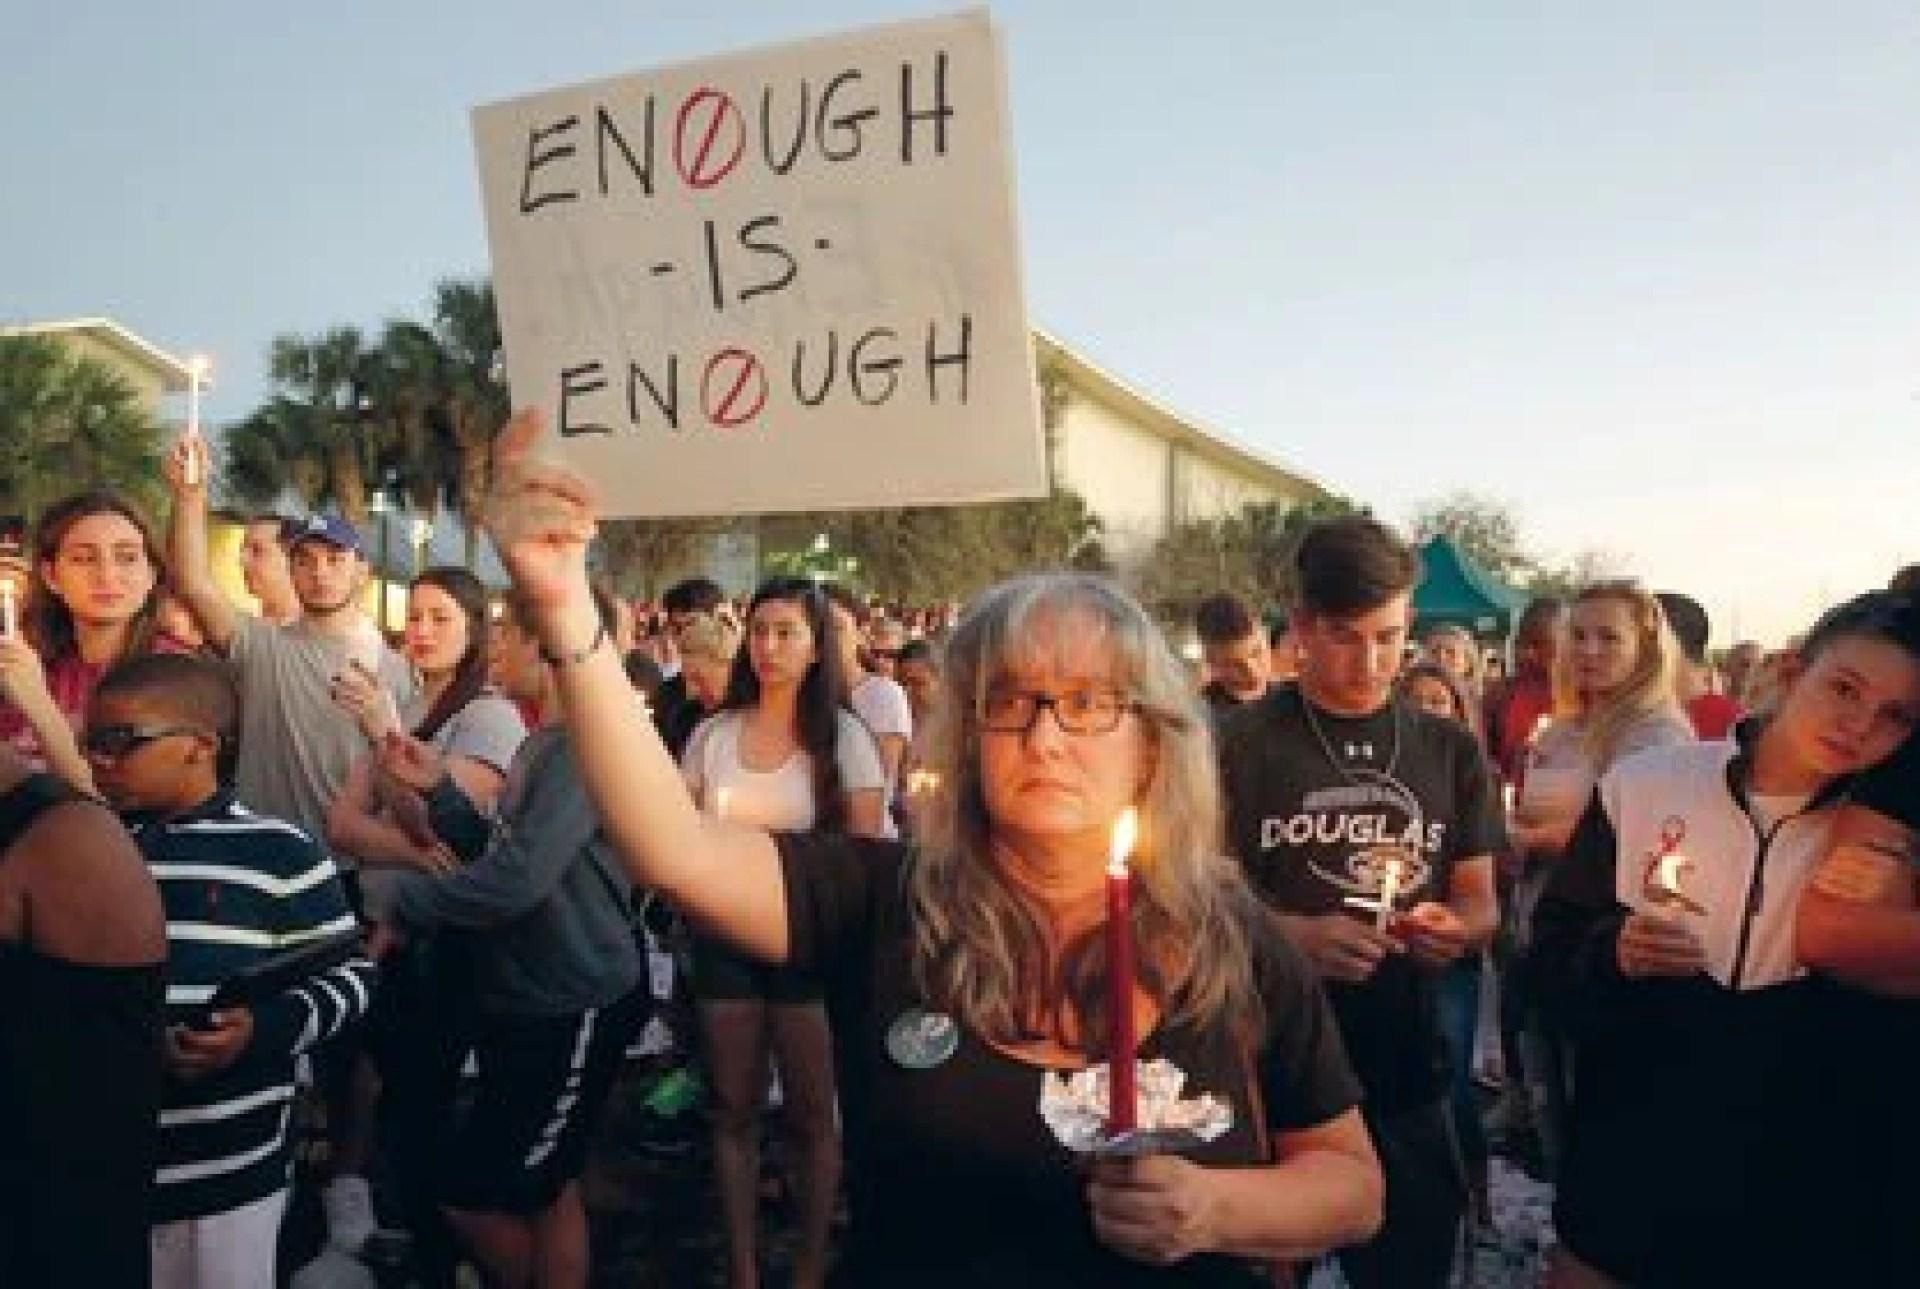 (ARCHIVO) Florida, Estados Unidos: Miles de personas mantuvieron esta madrugada una vigilia en memoria de las 17 víctimas mortales del tiroteo en una escuela de Parkland, en el sur de Florida, y reclamaron a las autoridades mayores controles para la compra de armas.  Decenas de jóvenes y alumnos de la escuela Marjory Stoneman Douglas se emocionaron hasta las lágrimas al escuchar el testimonio del padre de una niña de 14 años, Jamie Guttenberg, que fue asesinada en el tiroteo. Foto: Rhona Wise